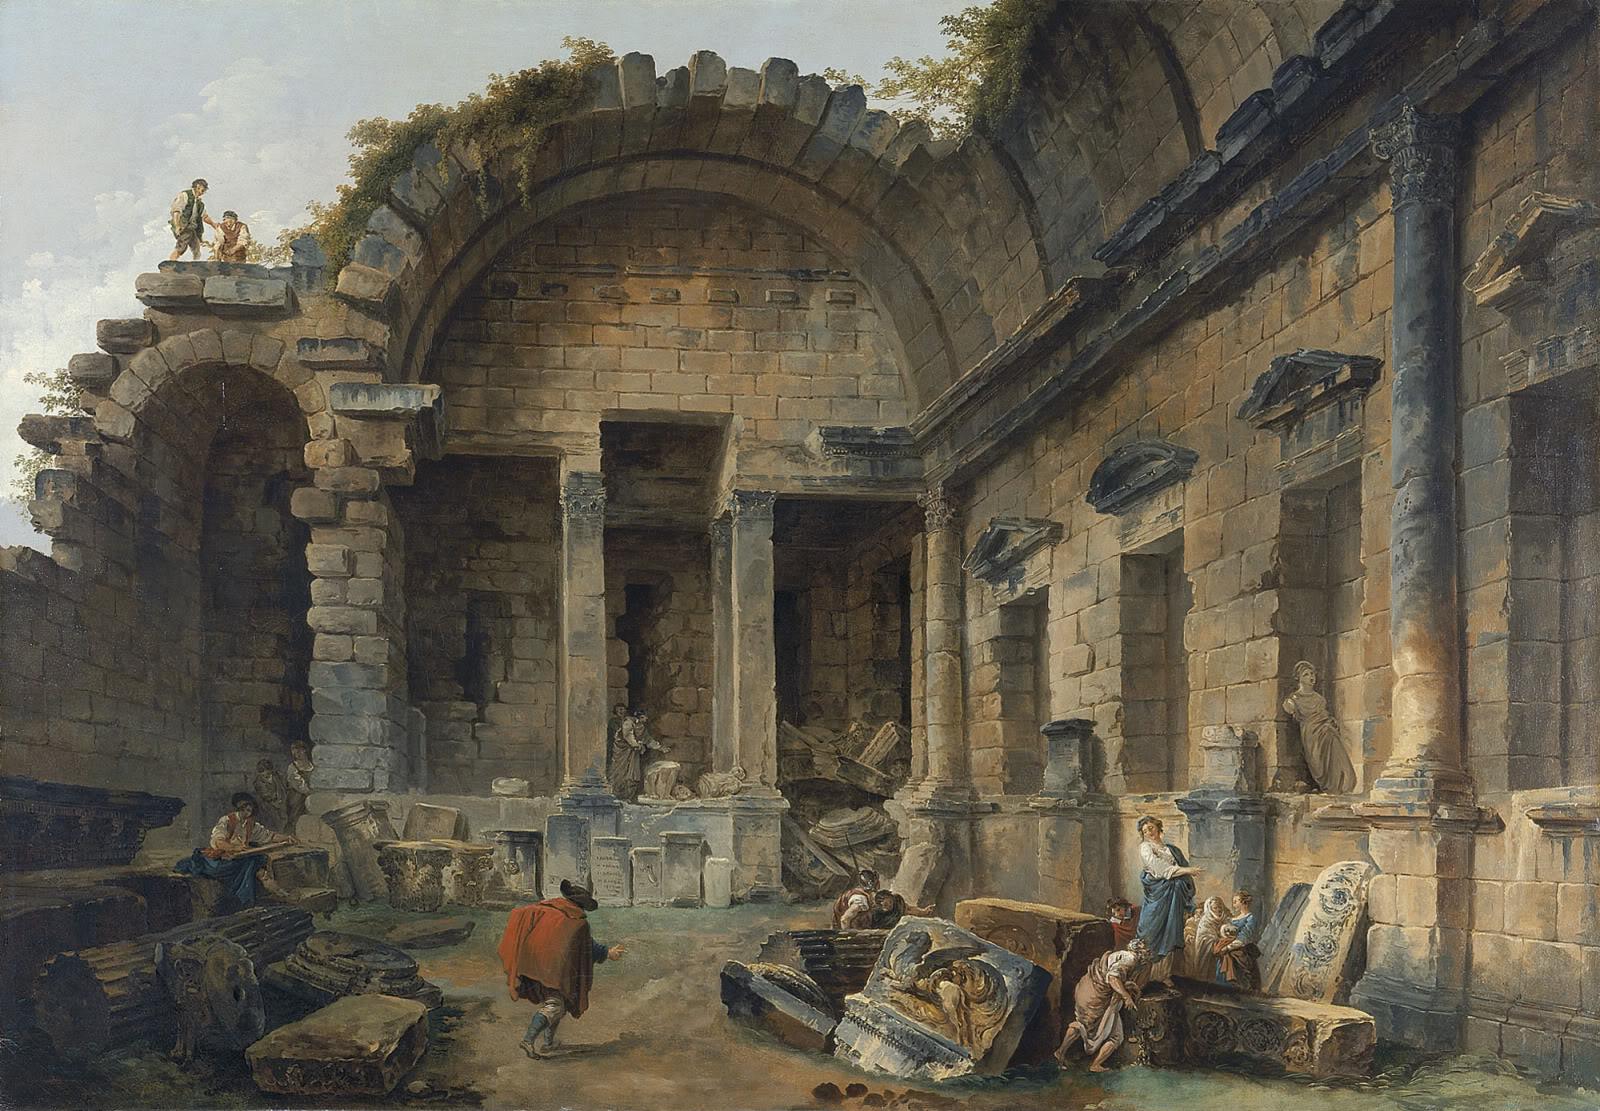 Peinture fran aise du 19 me si cle demolition of the cha teau of meudon 1806 - Introir dijane ...